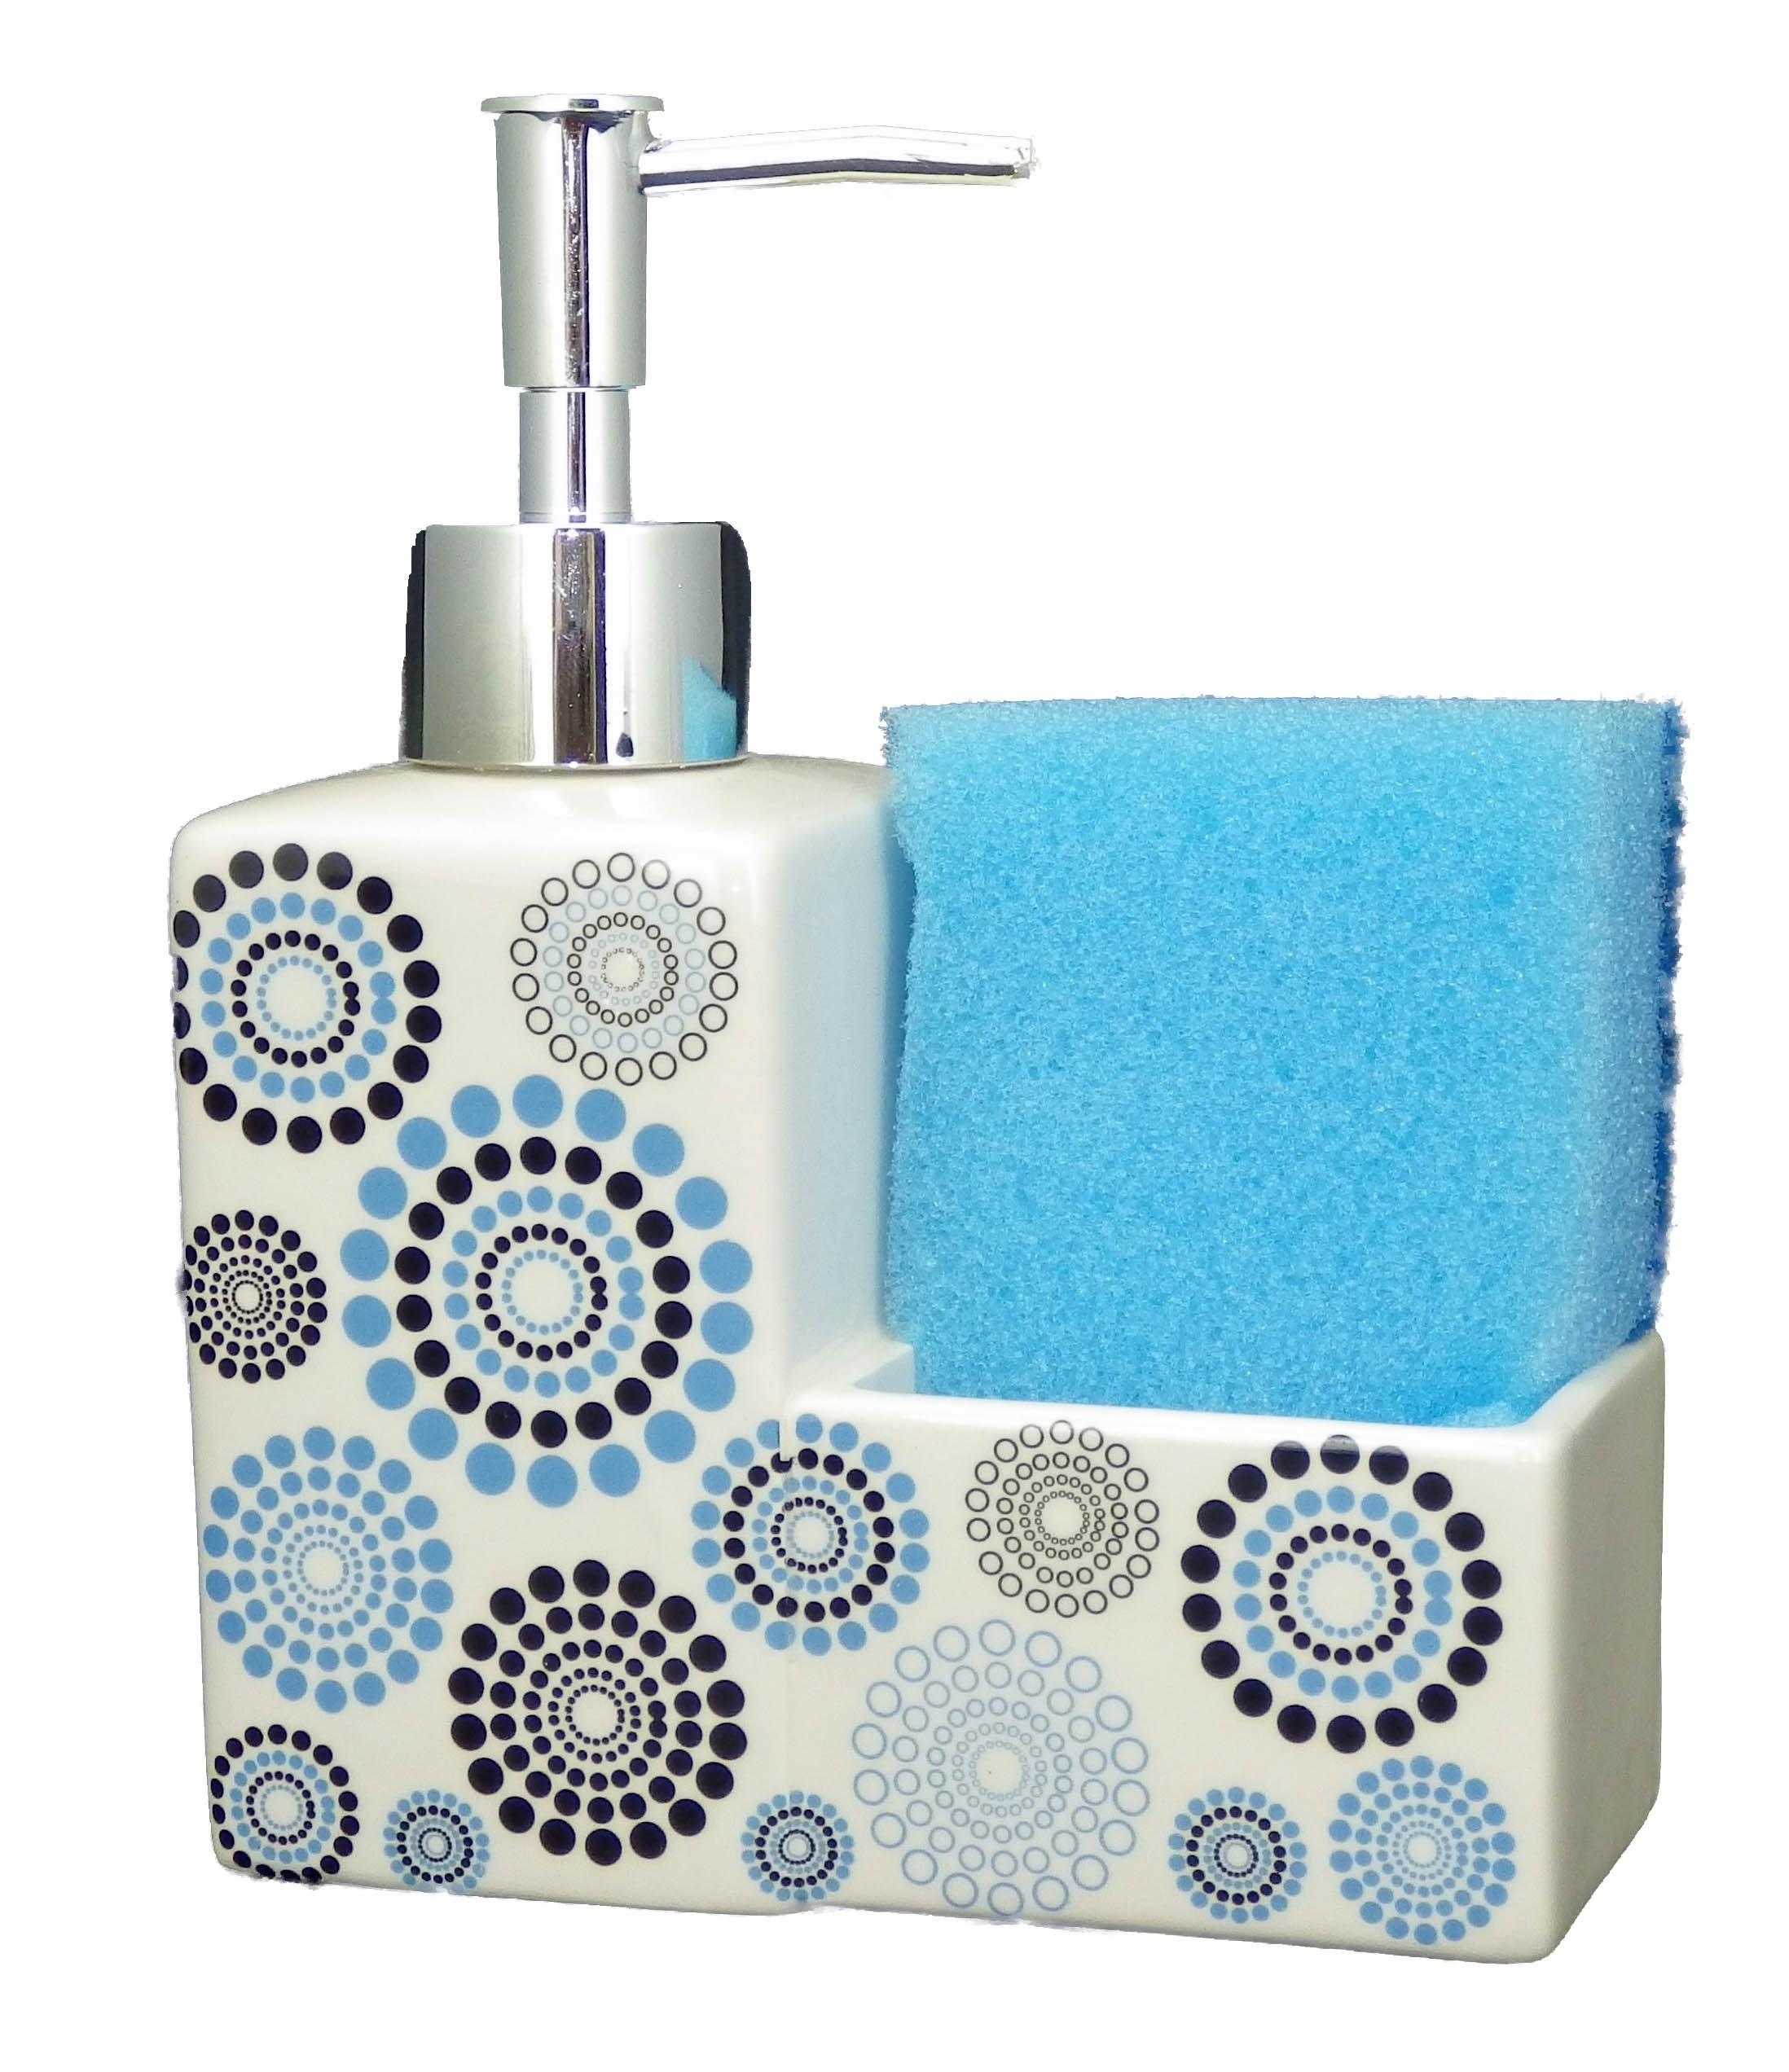 accessoire salle de bain pas cher salle de bain accessoire pas cher u sarivanet with accessoire. Black Bedroom Furniture Sets. Home Design Ideas